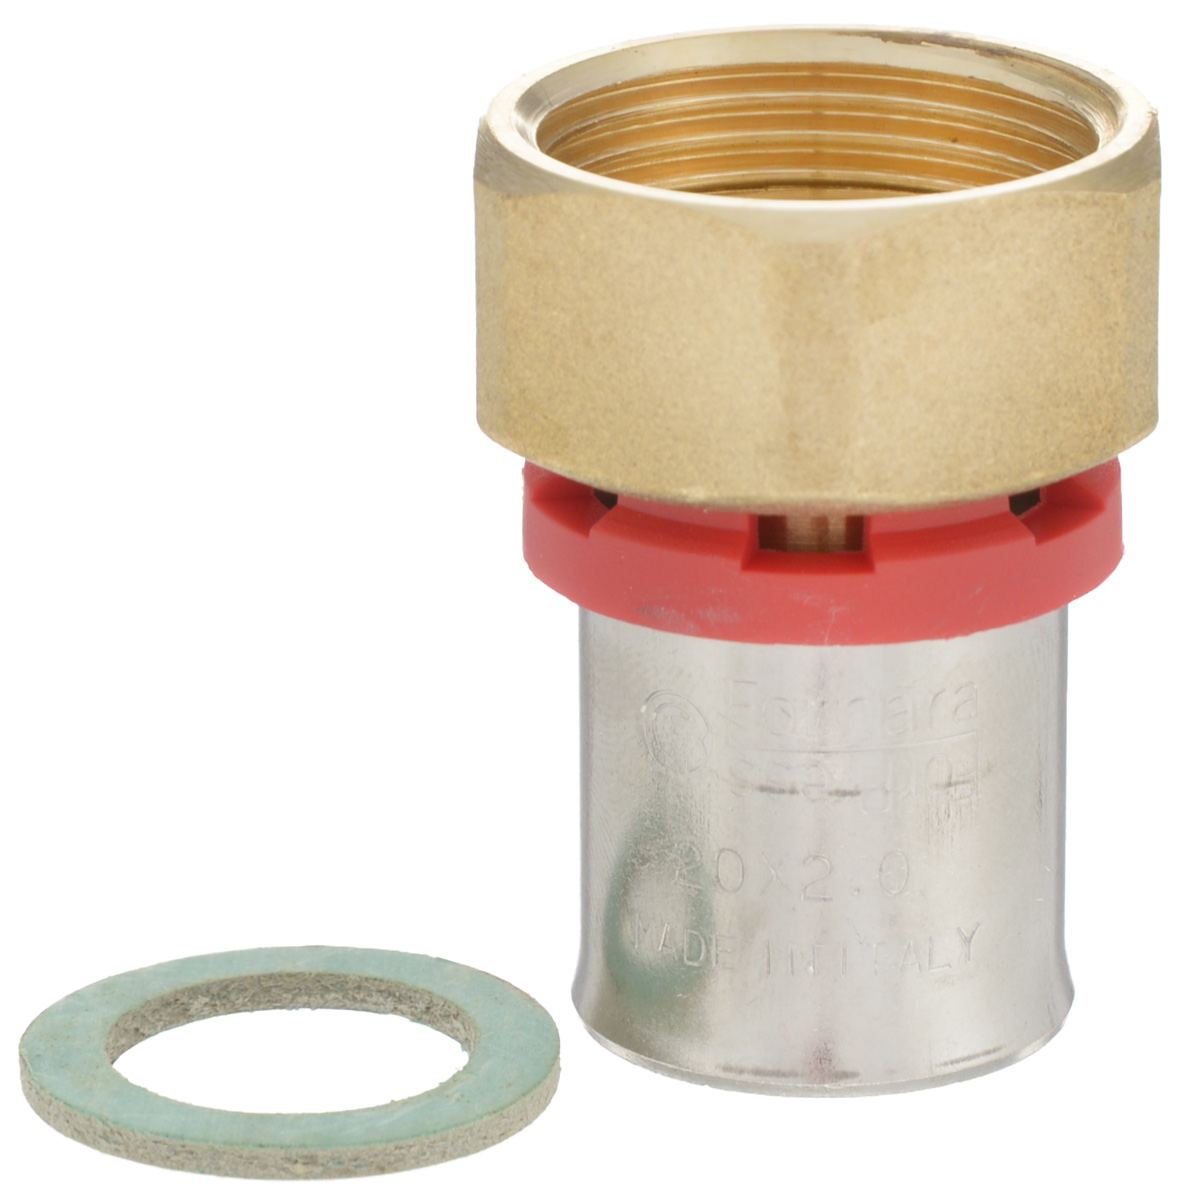 Соединитель Fornara, под пресс, п - нг, 20 x 3/4BL505Соединитель под пресс Fornara представляет собой элемент трубопровода, обеспечивающий соединение труб из разных материалов с компонентами системы. Изделие имеет переход на наружную резьбу, прочный, долговечный корпус из никелированной горячепрессованной латуни. Благодаря специальным насечкам уплотнительный материал соединителя хорошо удерживается при монтаже трубопроводной системы.